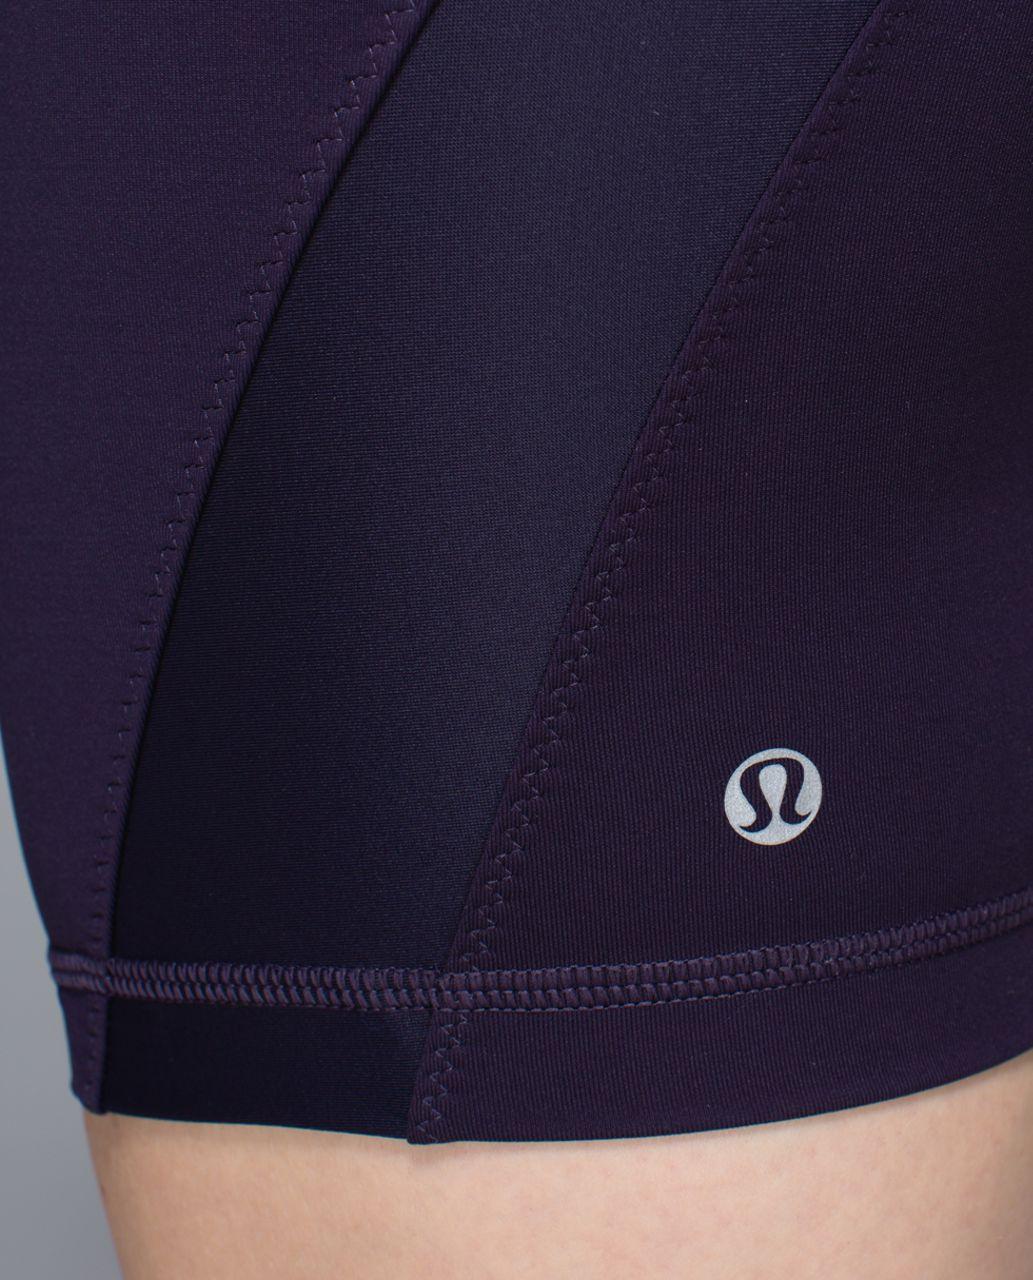 Lululemon Clip-In Short - Black Grape